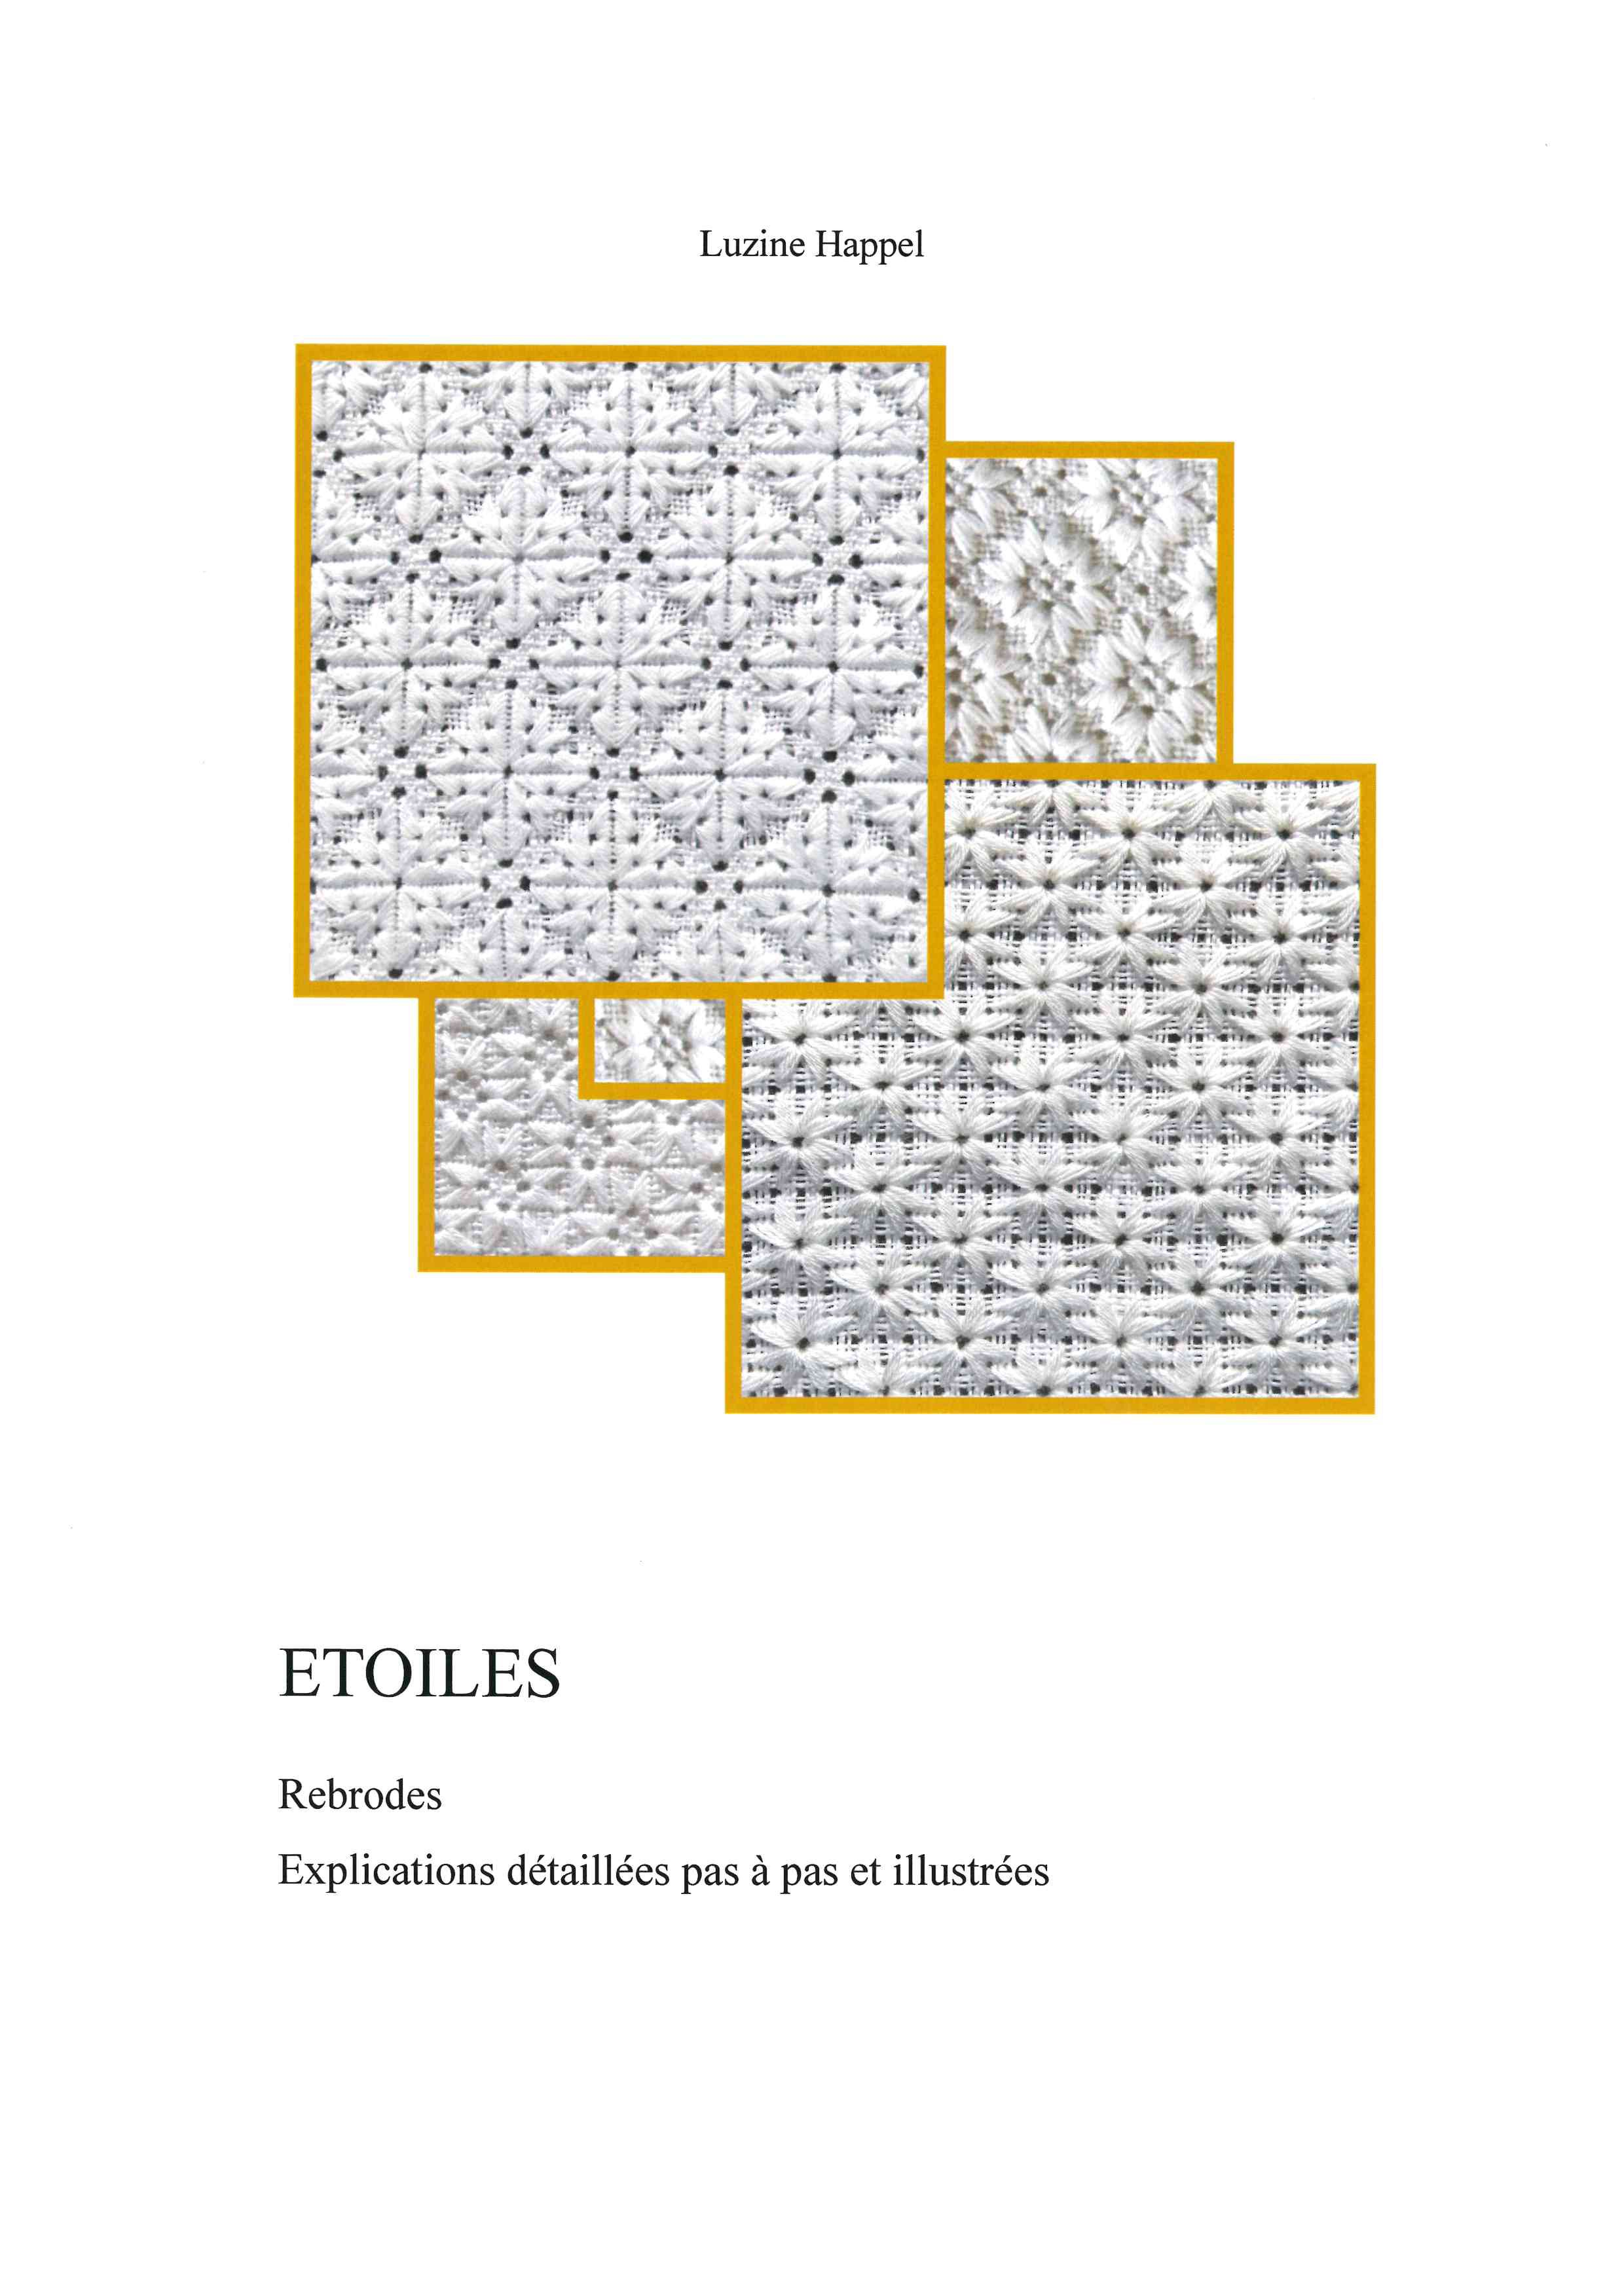 ETOILES - Rebrodes